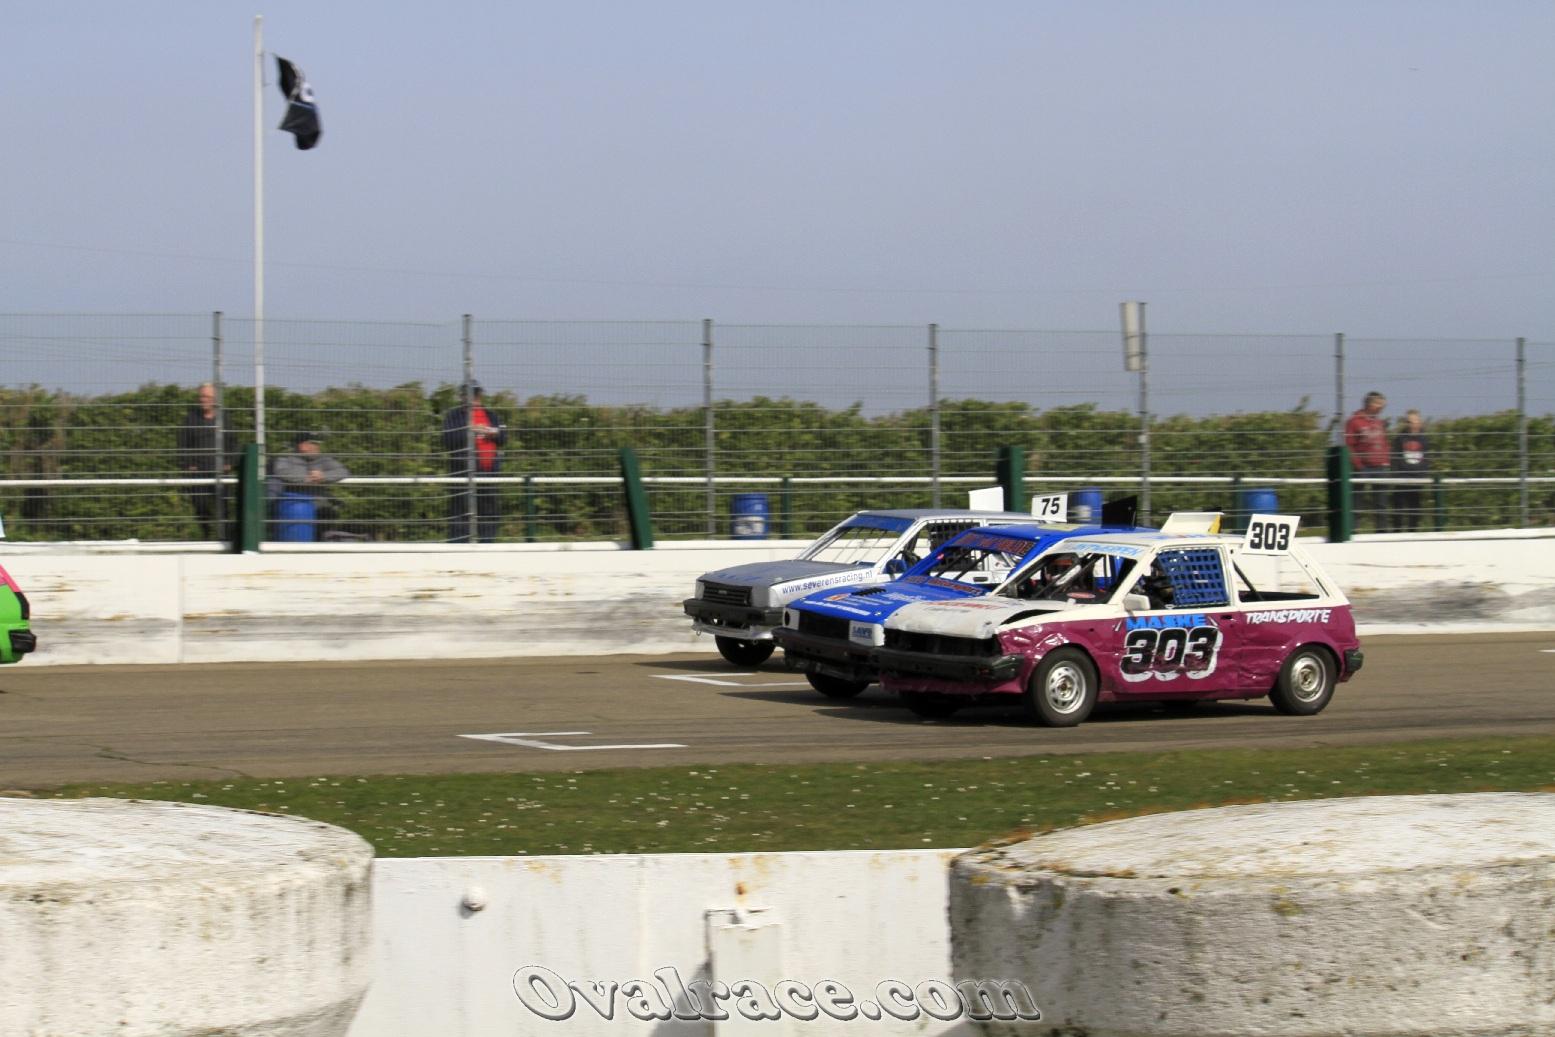 Nick Antwerpen goes threewide in Posterholt! © Frank Dorau (ovalrace.com)